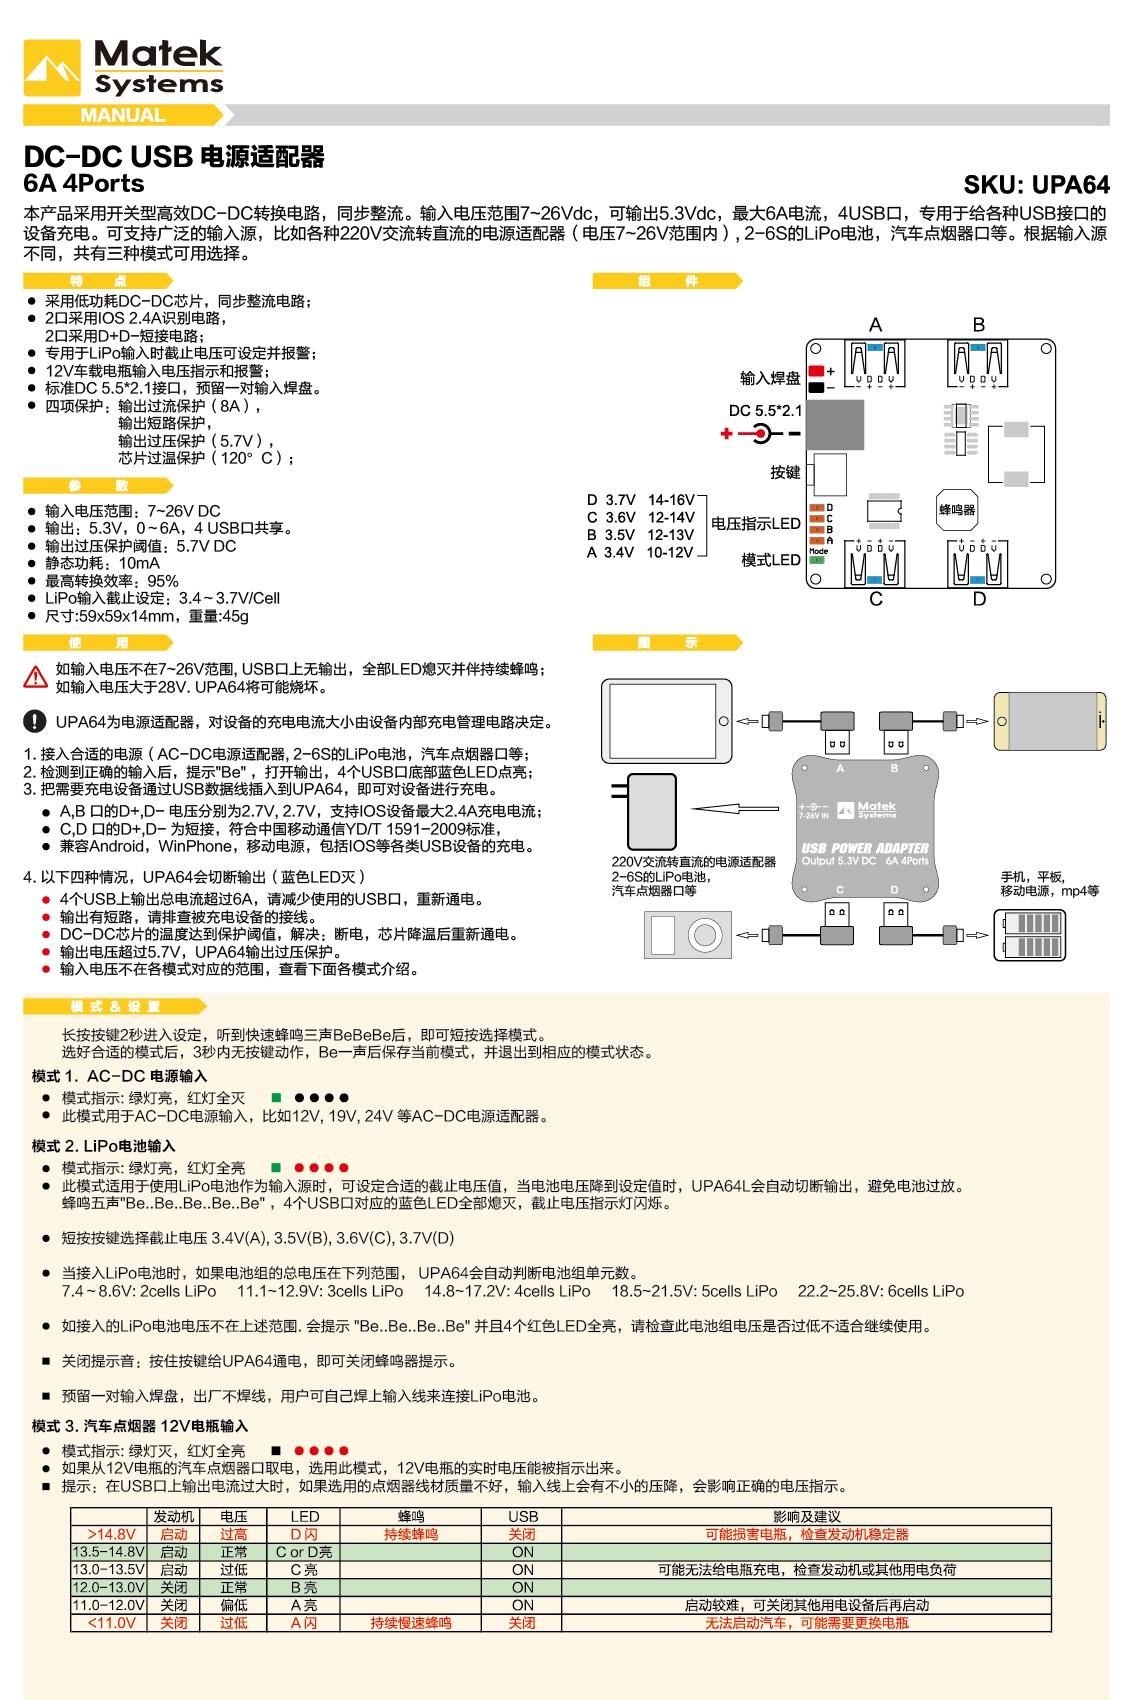 UPA64_V2_Manual_CN